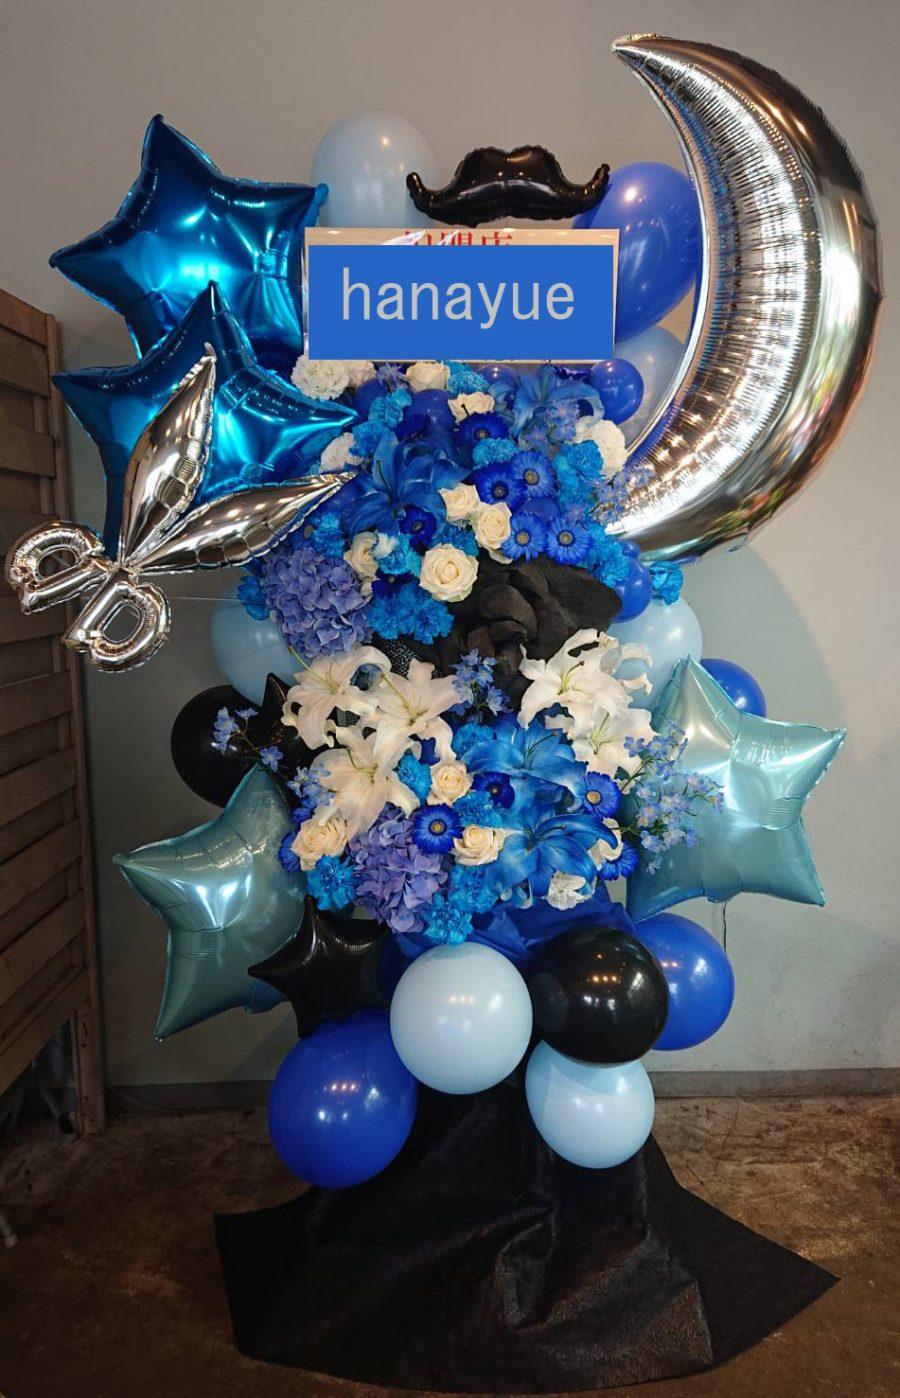 フラスタ バルスタ 青 銀 ブルー 水色 かっこいい 理容室 開店祝い